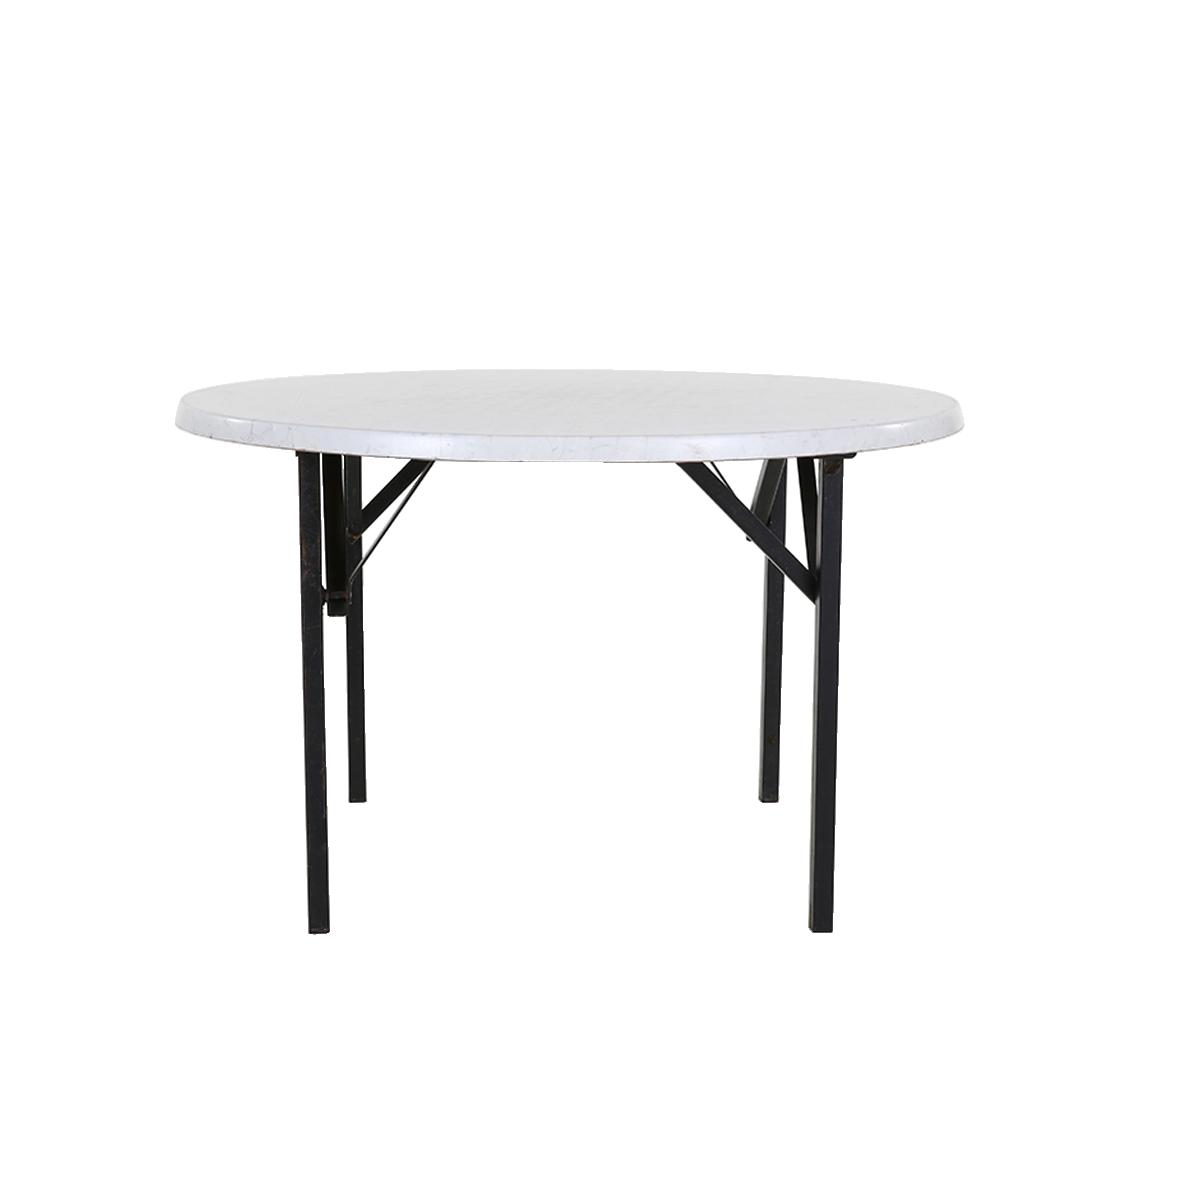 dieeventausstatter Banketttisch rund 120 cm